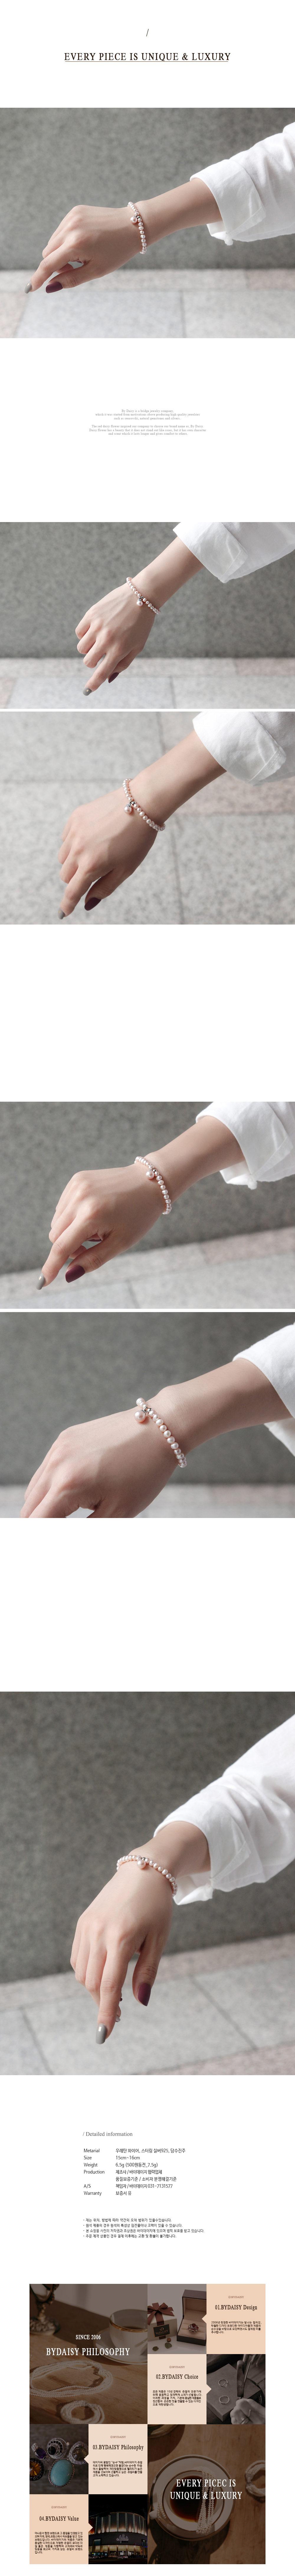 바이데이지 SB0112 로잘린 핑크 담수진주 팔찌 - 바이데이지, 28,000원, 팔찌, 패션팔찌